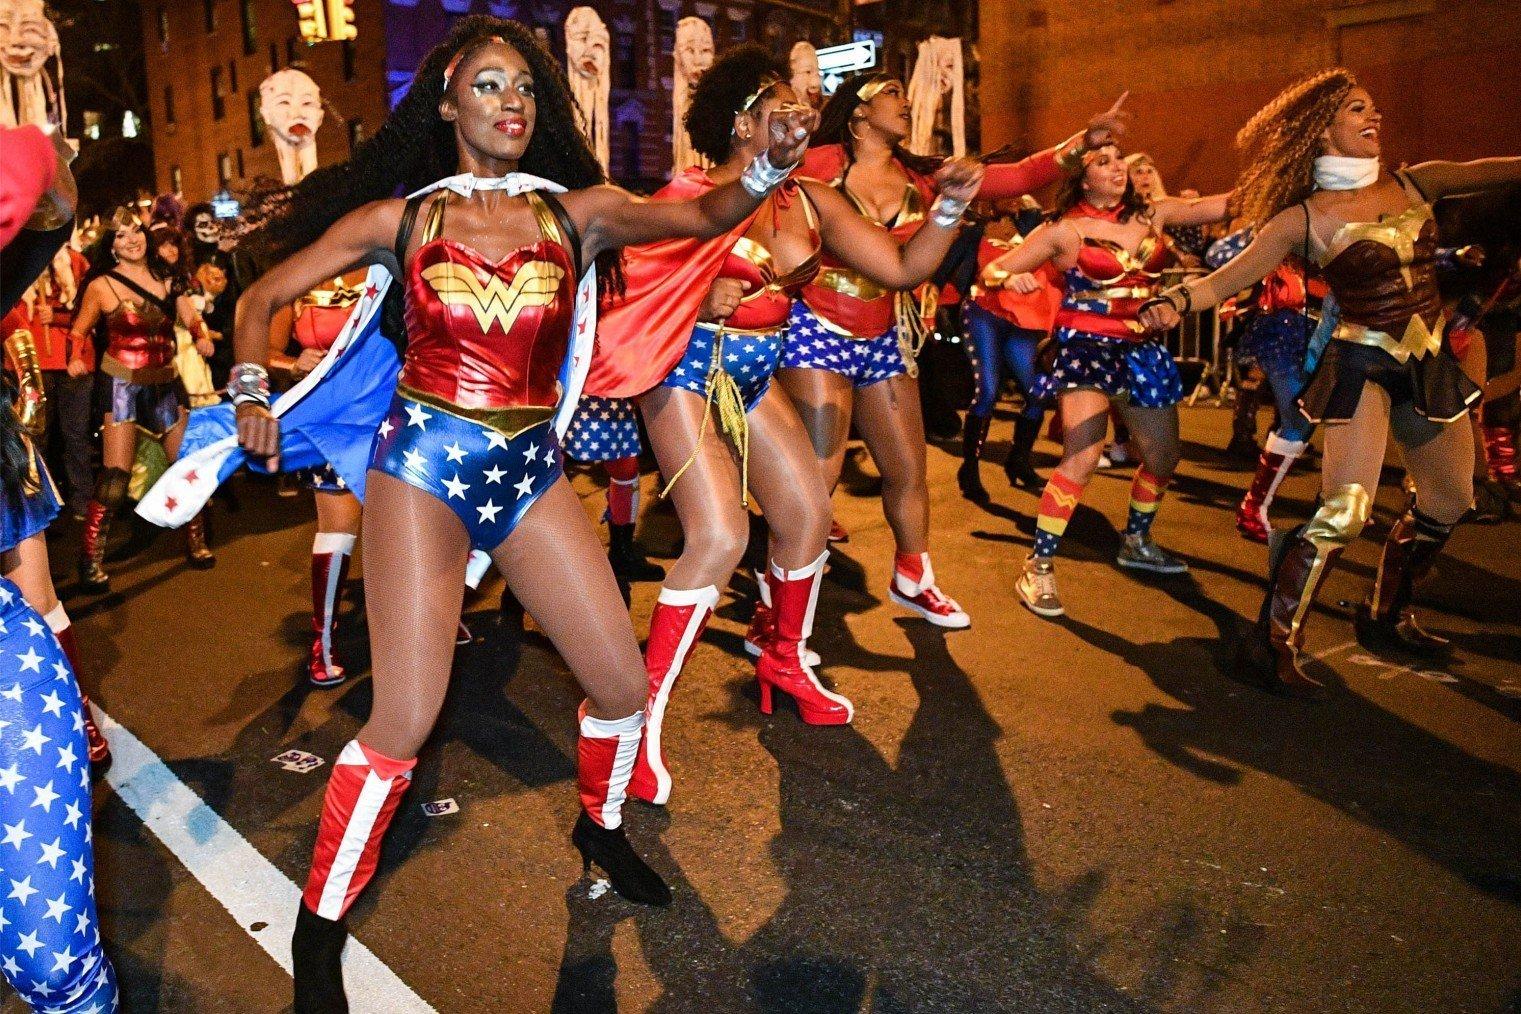 New York's Village Halloween Parade. Хэллоуин Парад, Нью-Йорк